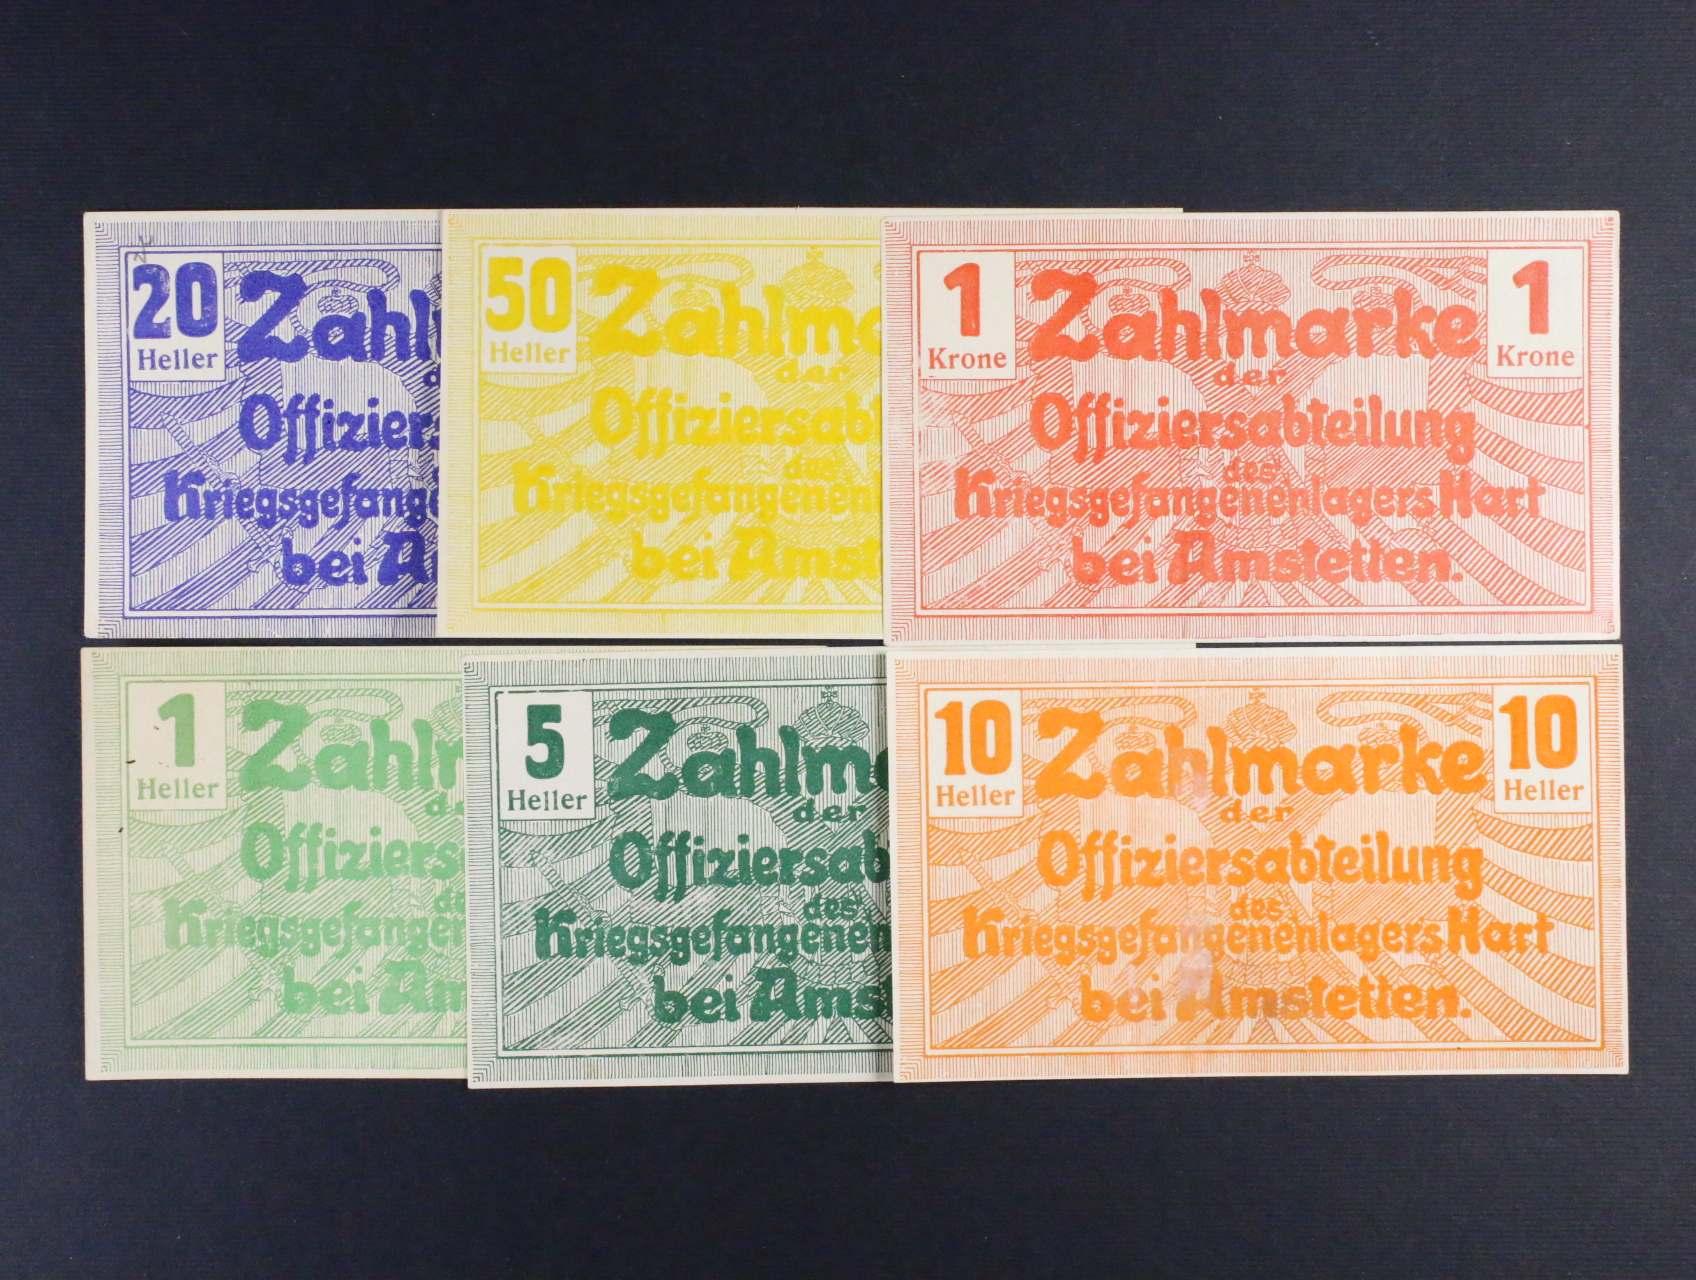 Hart bei Amstetten (Rakousko), 1, 5, 10, 20, 50 h, 1 K b.d., Ri. 22 III.a, c, d, e, f, g, 6 ks